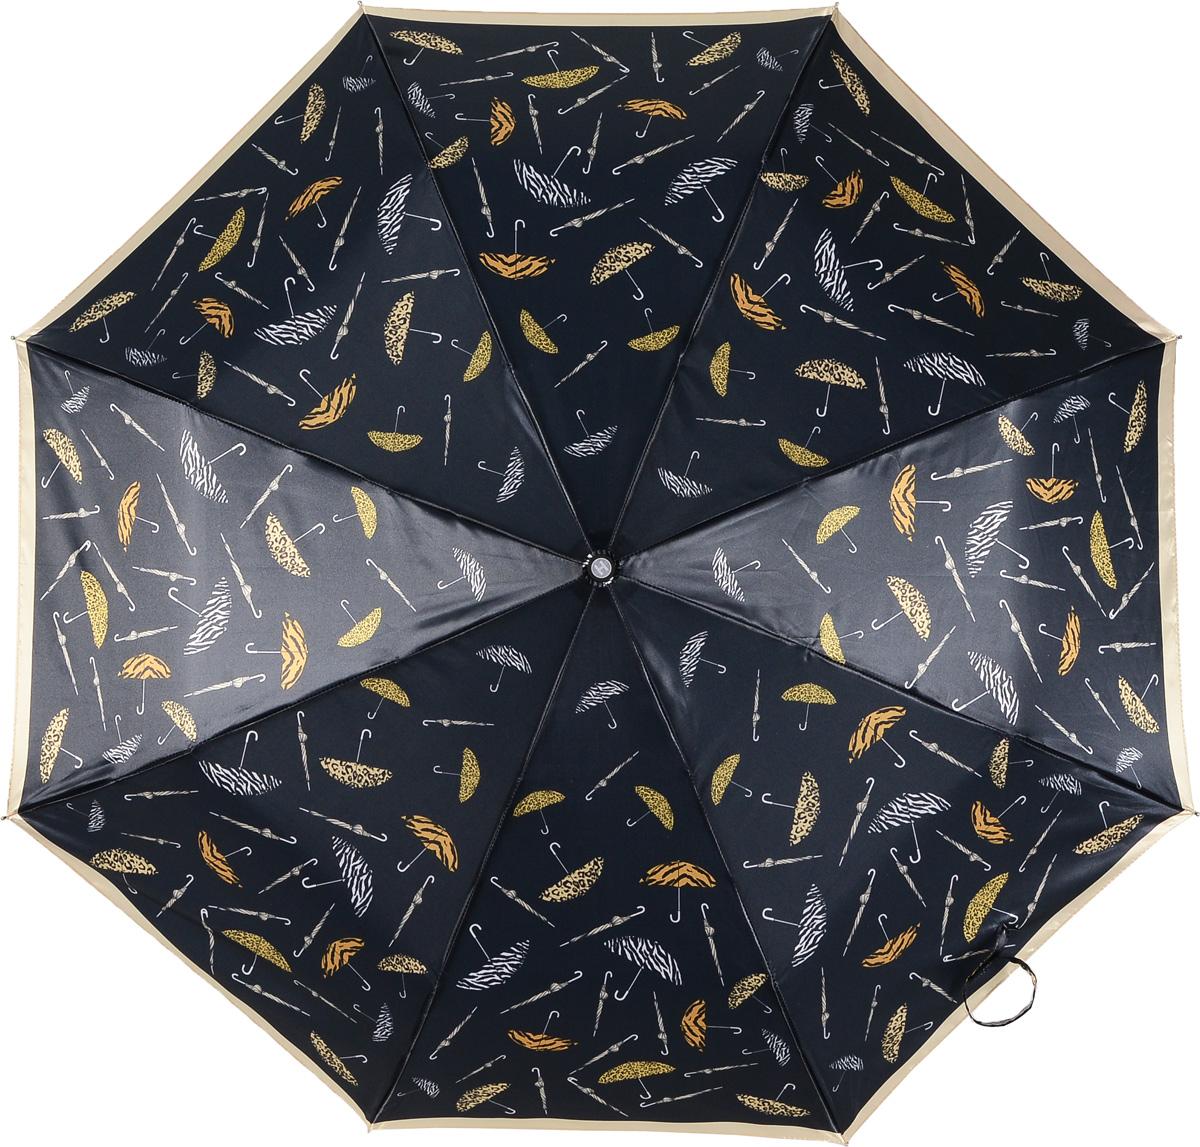 Зонт женский Henry Backer, 3 сложения, цвет: черный. U21203 Animal printREM12-CAM-GREENBLACKЖенский зонт с сатиновым куполом «Животный принт», автомат. У модели удобная, нескользящая в ладони рукоять и ветроустойчивый каркас.